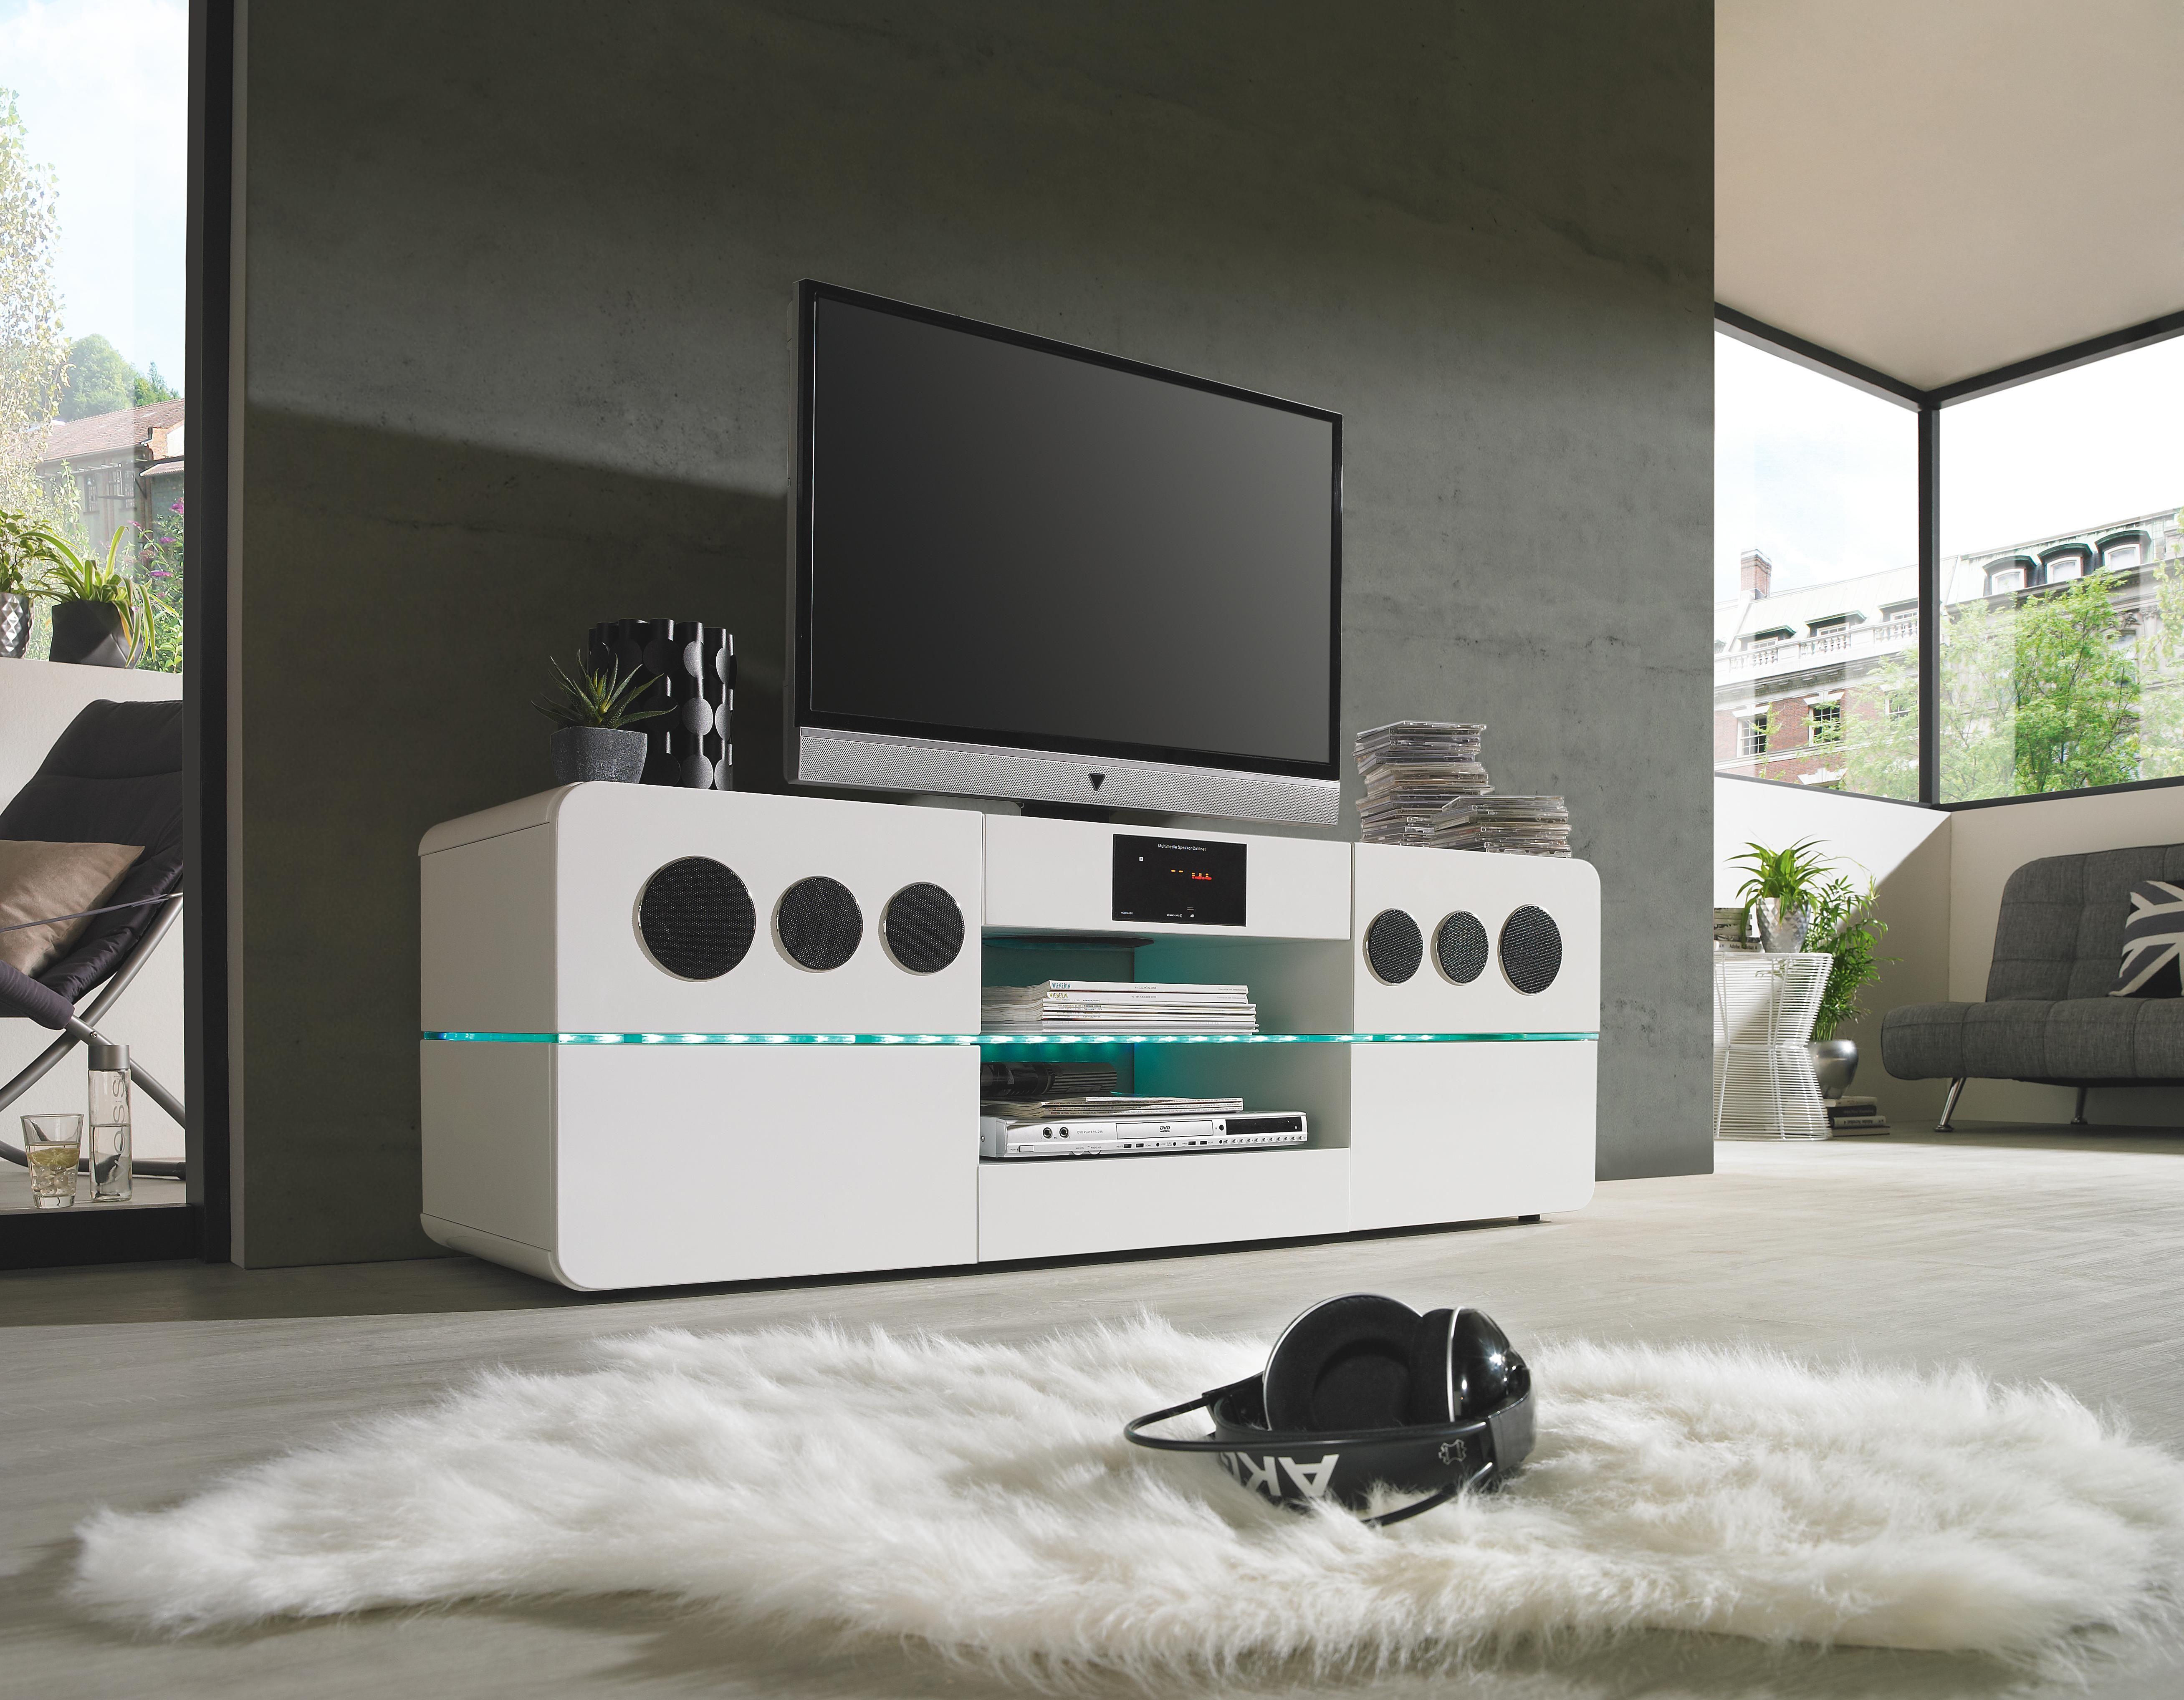 Dieses Geschmackvolle TV-Element Mit Soundsystem 6.1 Von